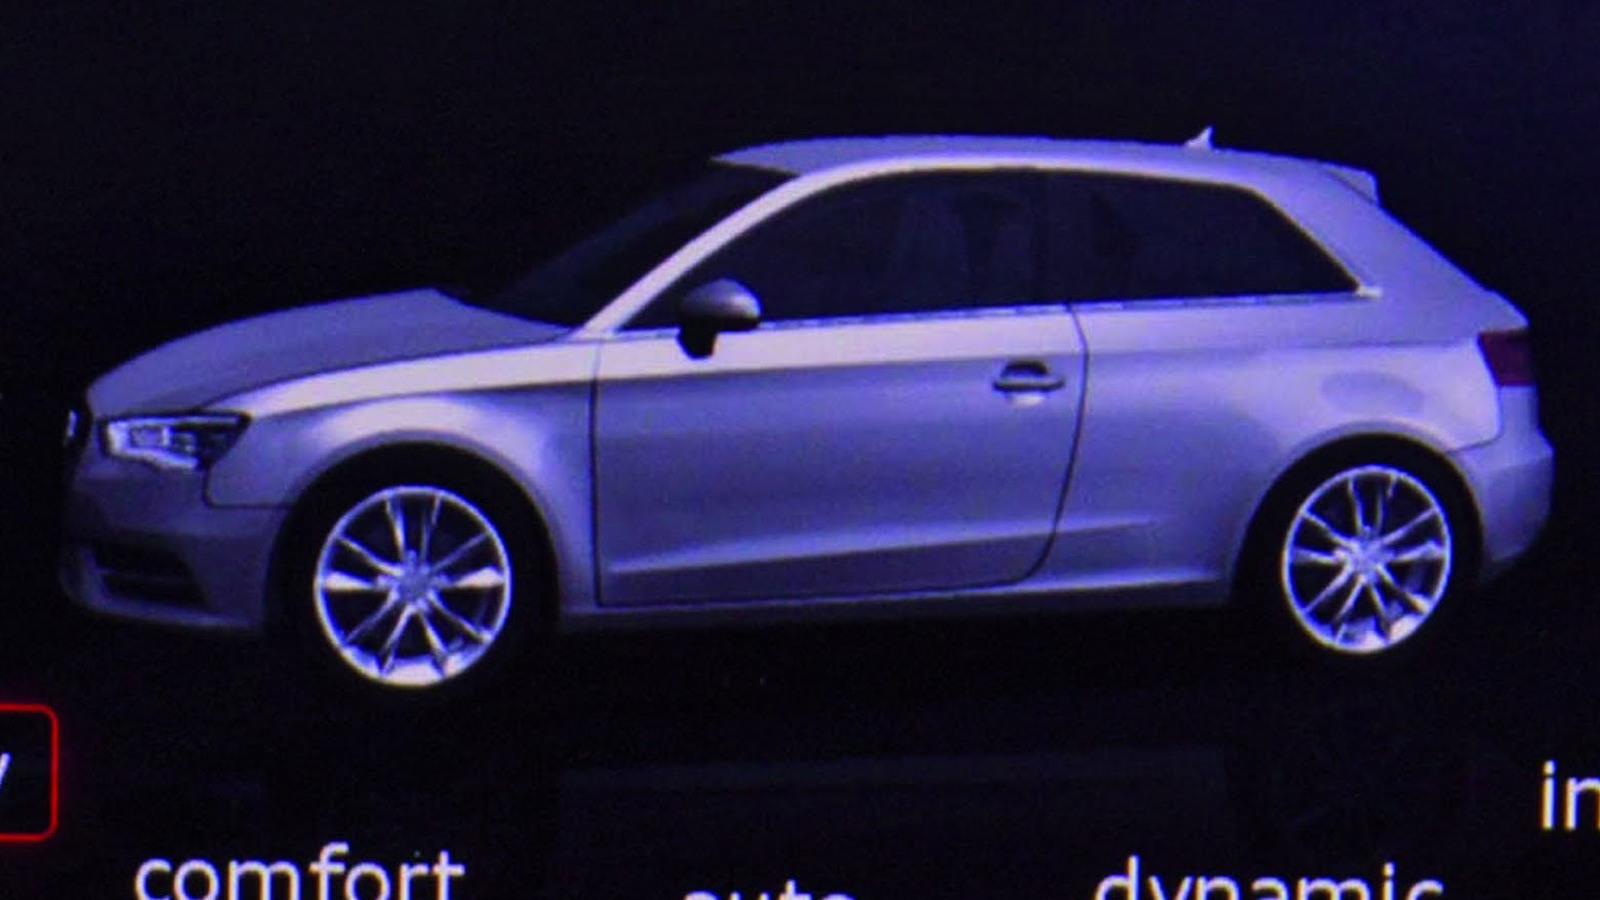 2013 Audi A3 graphic